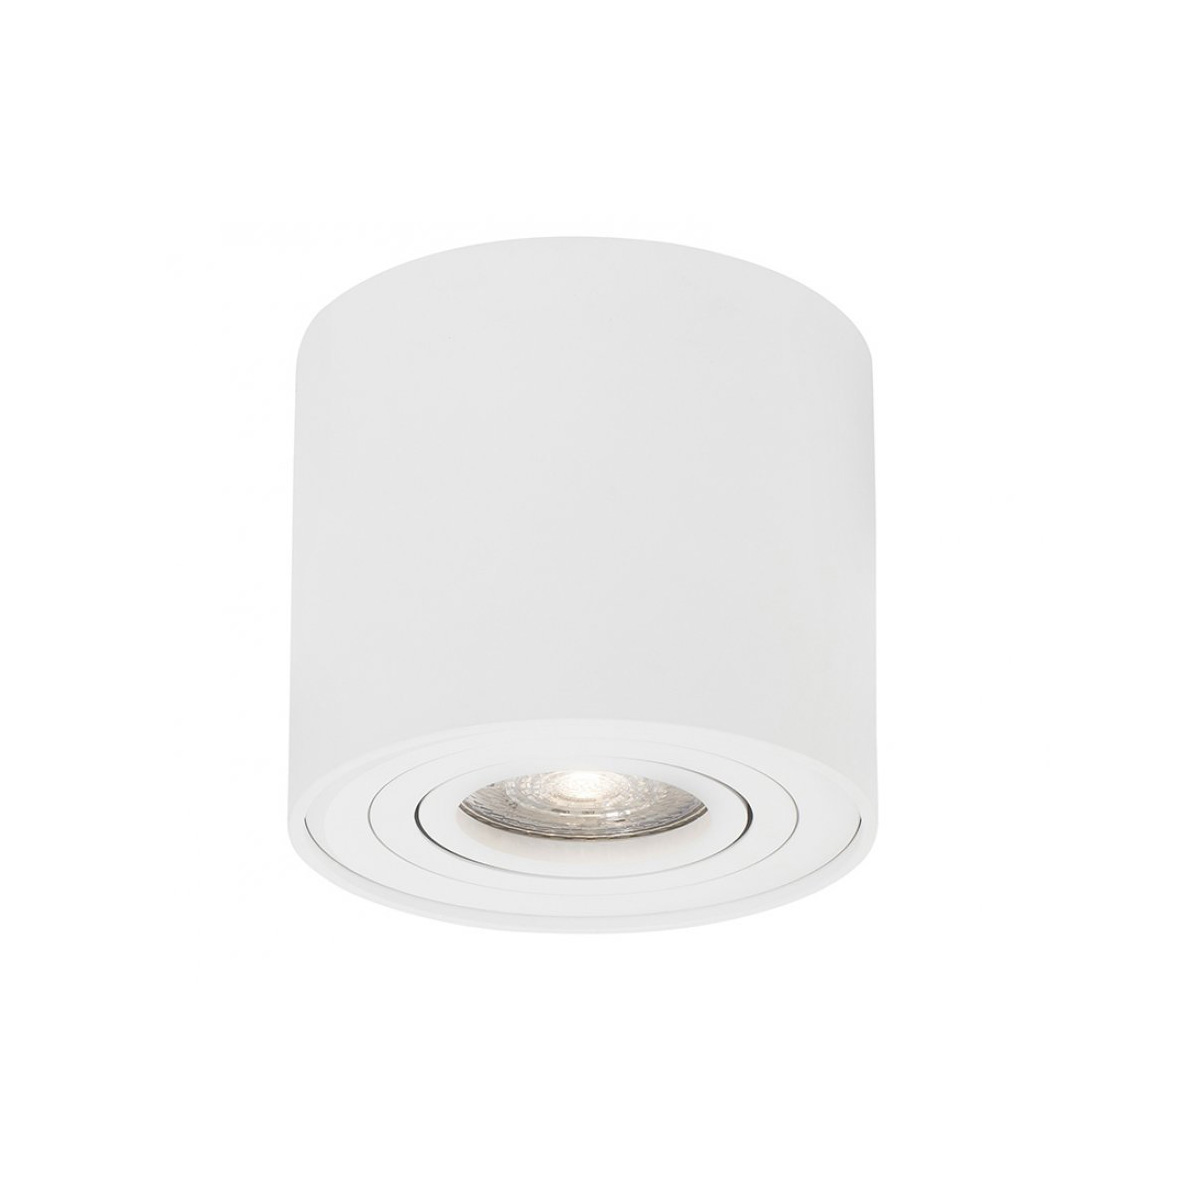 Spot lampa GOZZANO 9174511